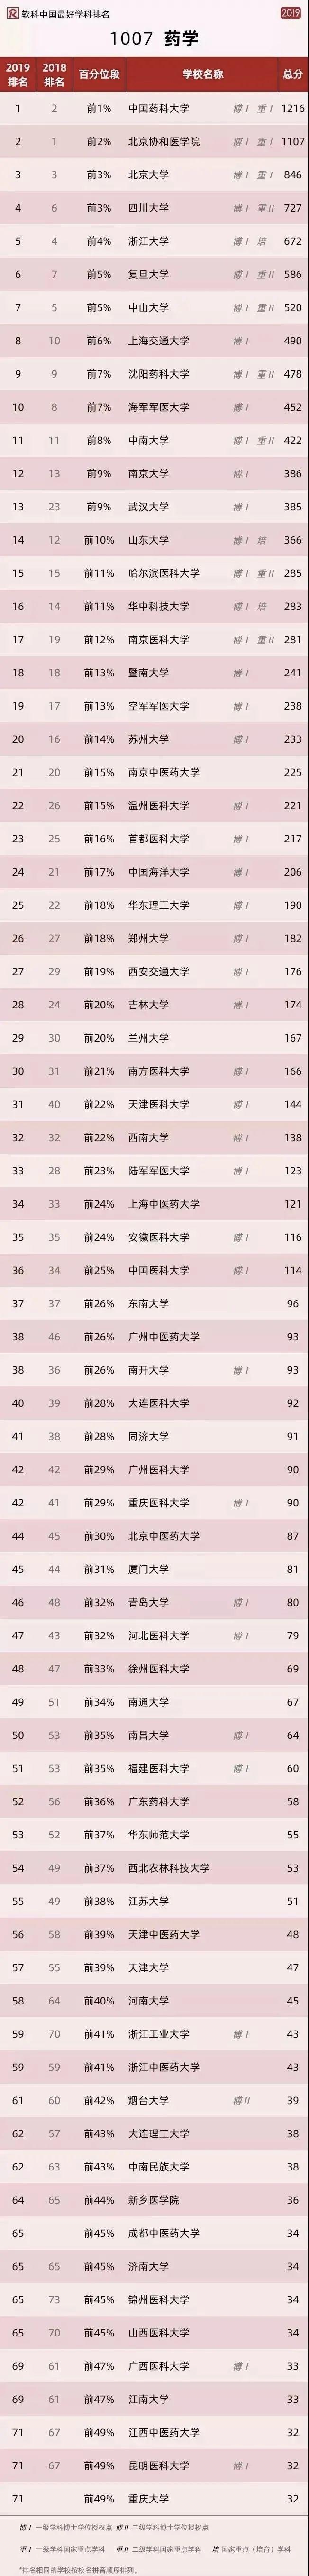 最新   中國醫藥類大學排名公布 上榜 大學排名 評價 高校 醫科大學 -健康界